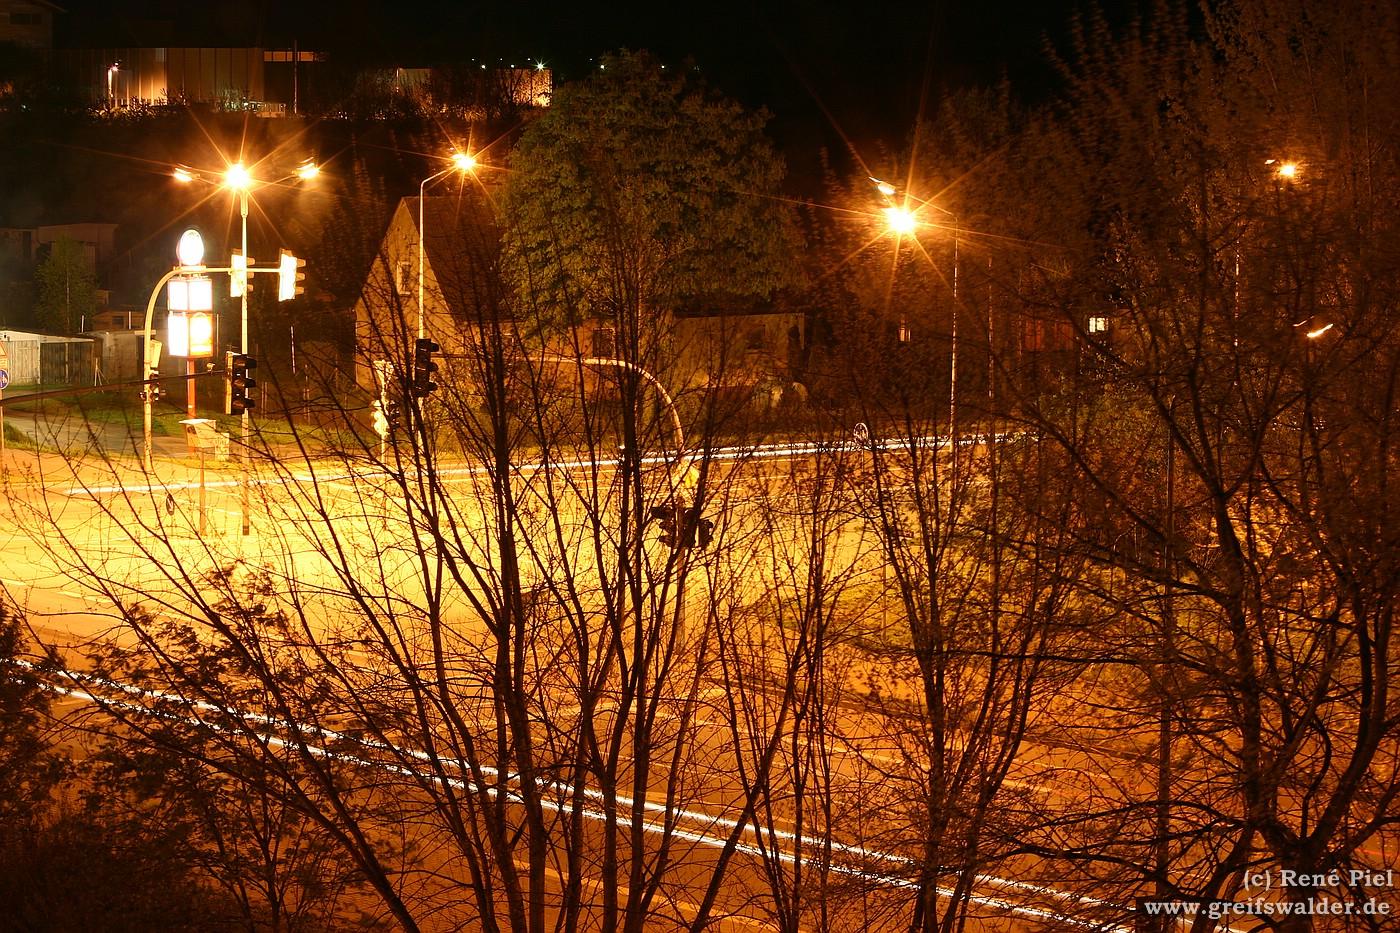 Kreuzungsbereich in der Nacht